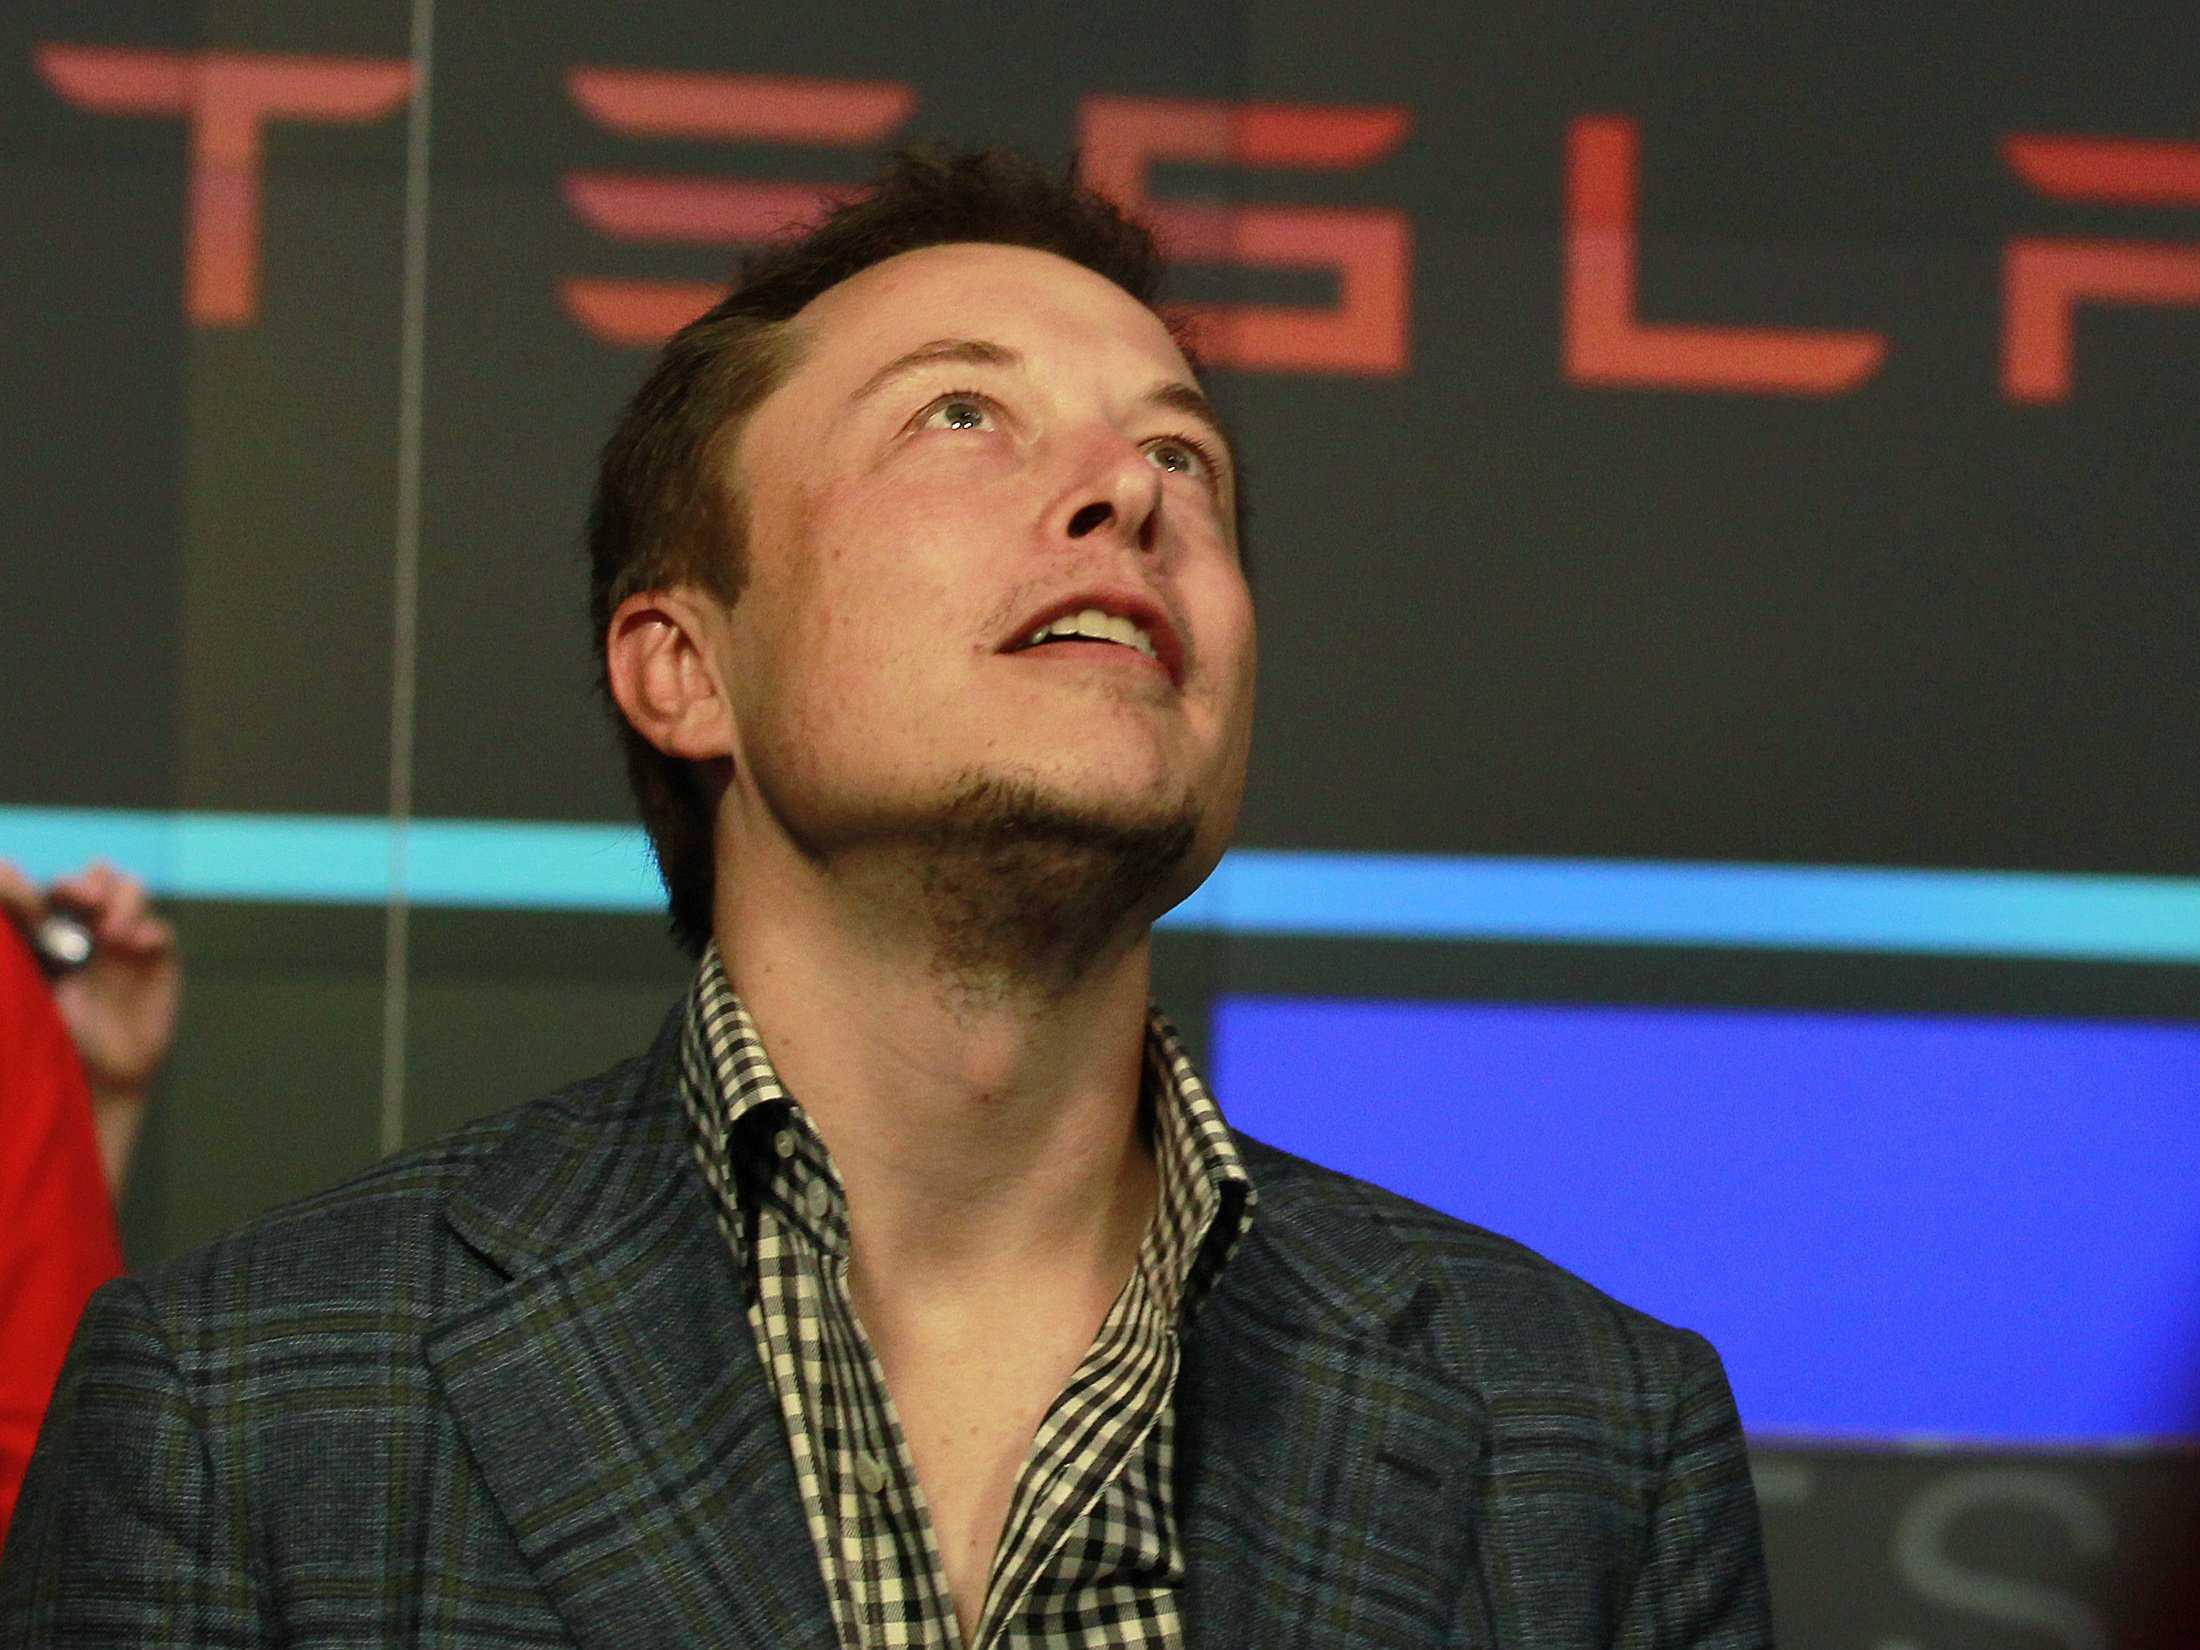 Elon-Musk-